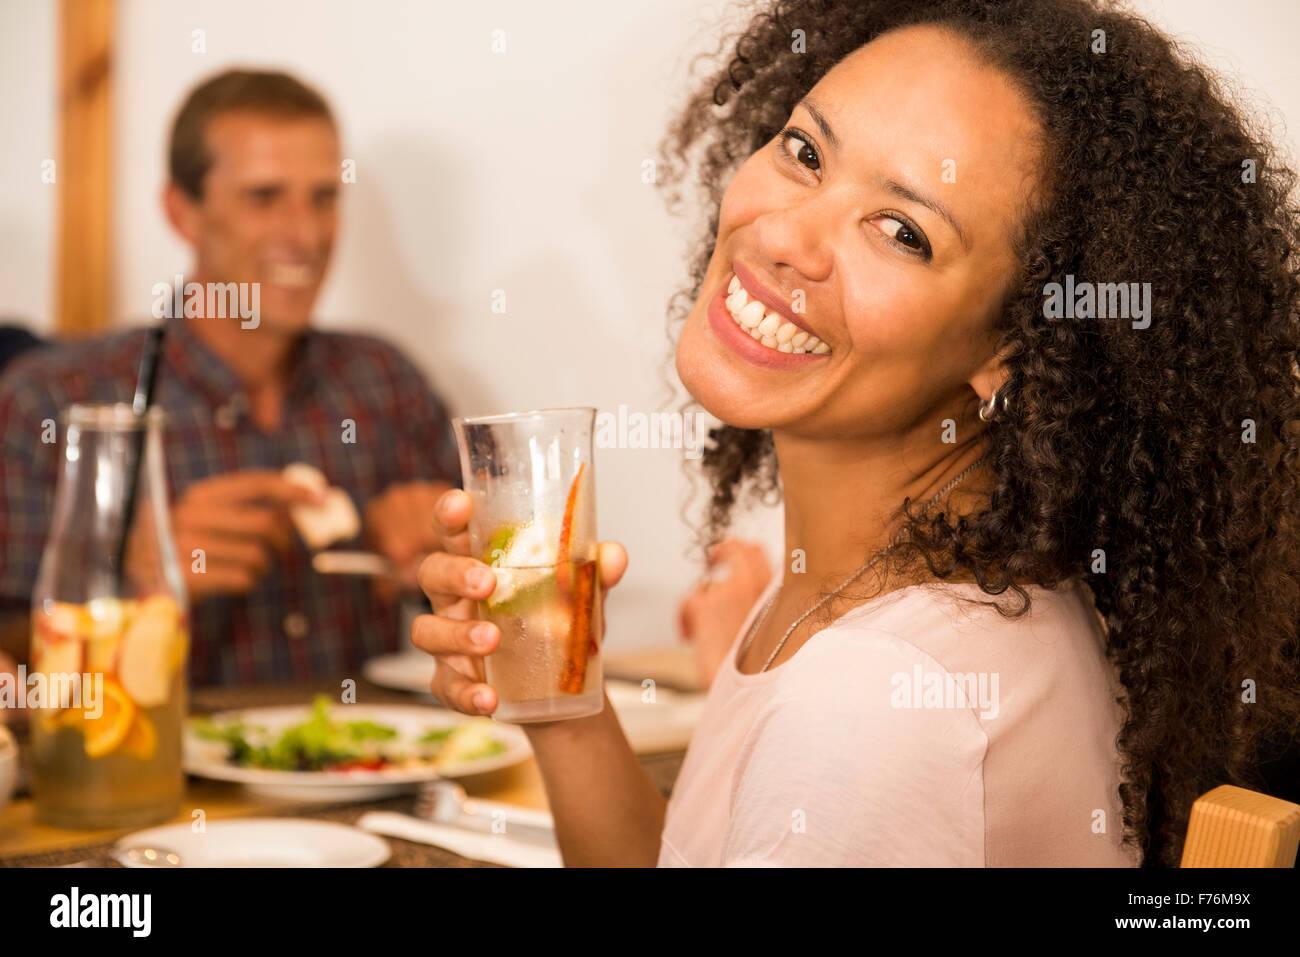 De Droits Photographie femme au restaurant un verre Photo Stock